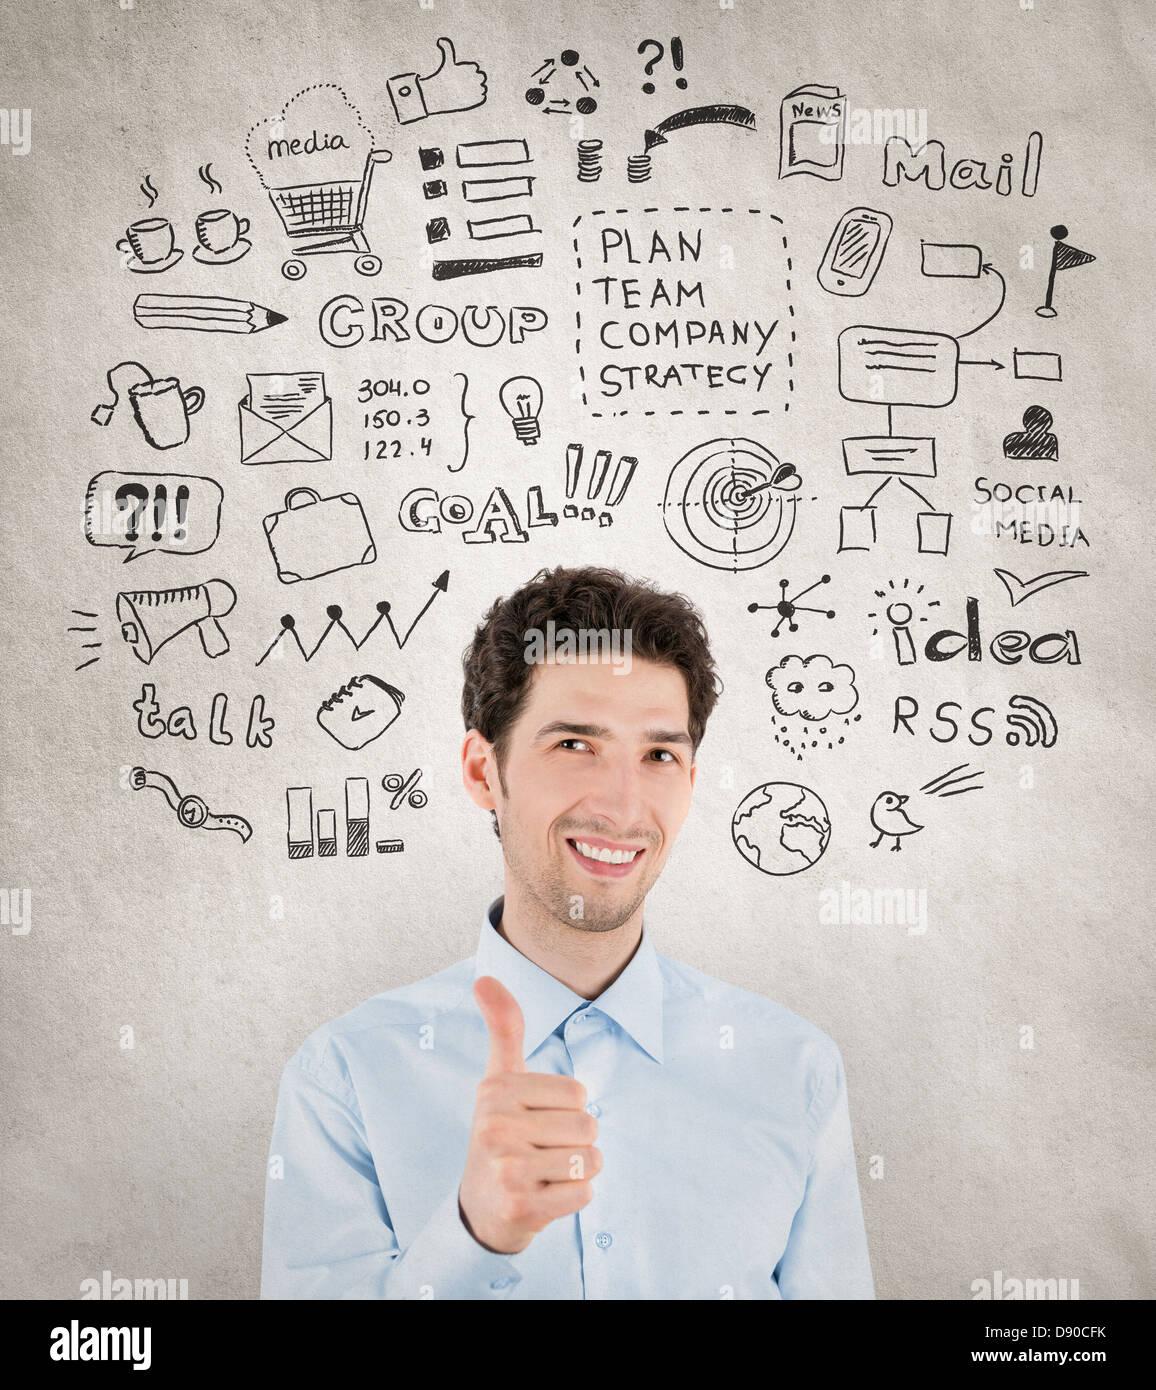 Imprenditore di successo con disegnati a mano intorno le icone che simboleggiano il successo di lavoro, pianificazione, Immagini Stock